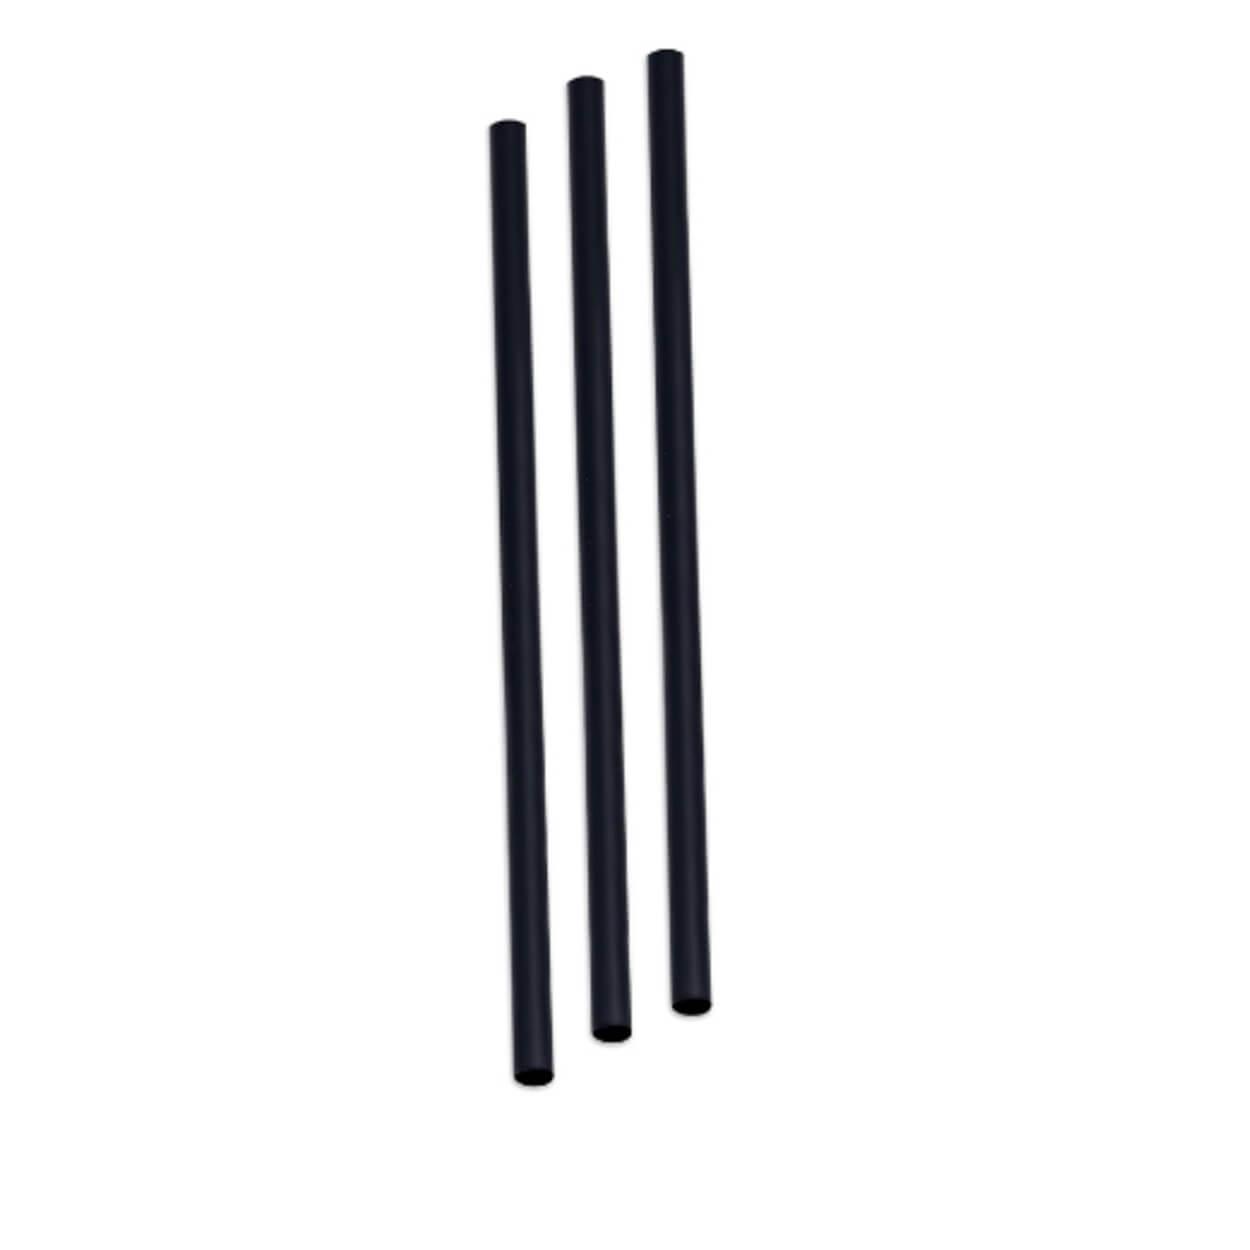 ΚΑΛΑΜΑΚΙ COBIO ΙΣΙΟ ΜΑΥΡΟ 250×8 (150τ)